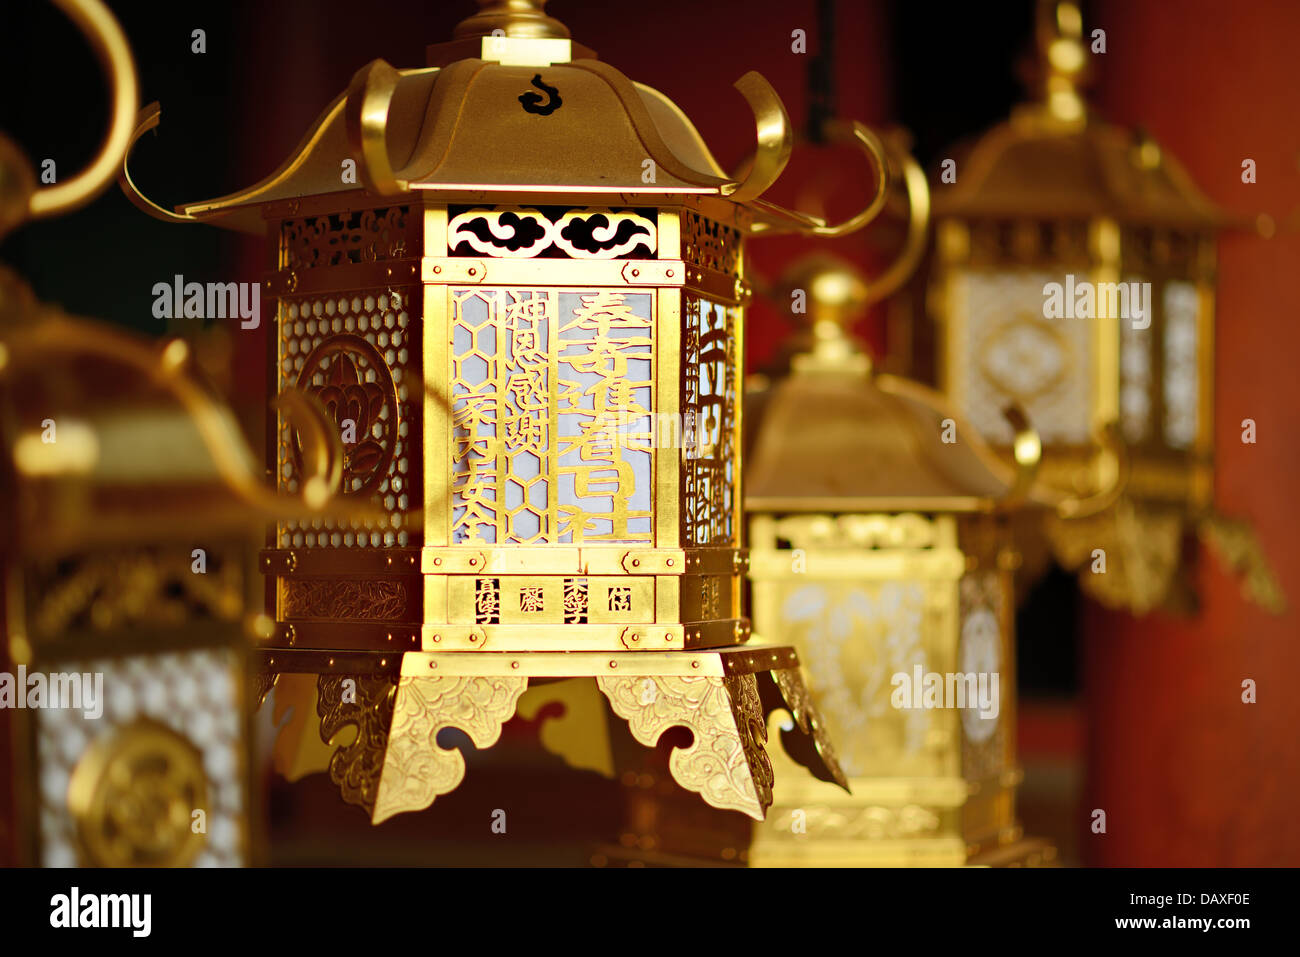 Lanternes temple bouddhiste au Sanctuaire Kasuga-Taisha à Nara, au Japon. Photo Stock